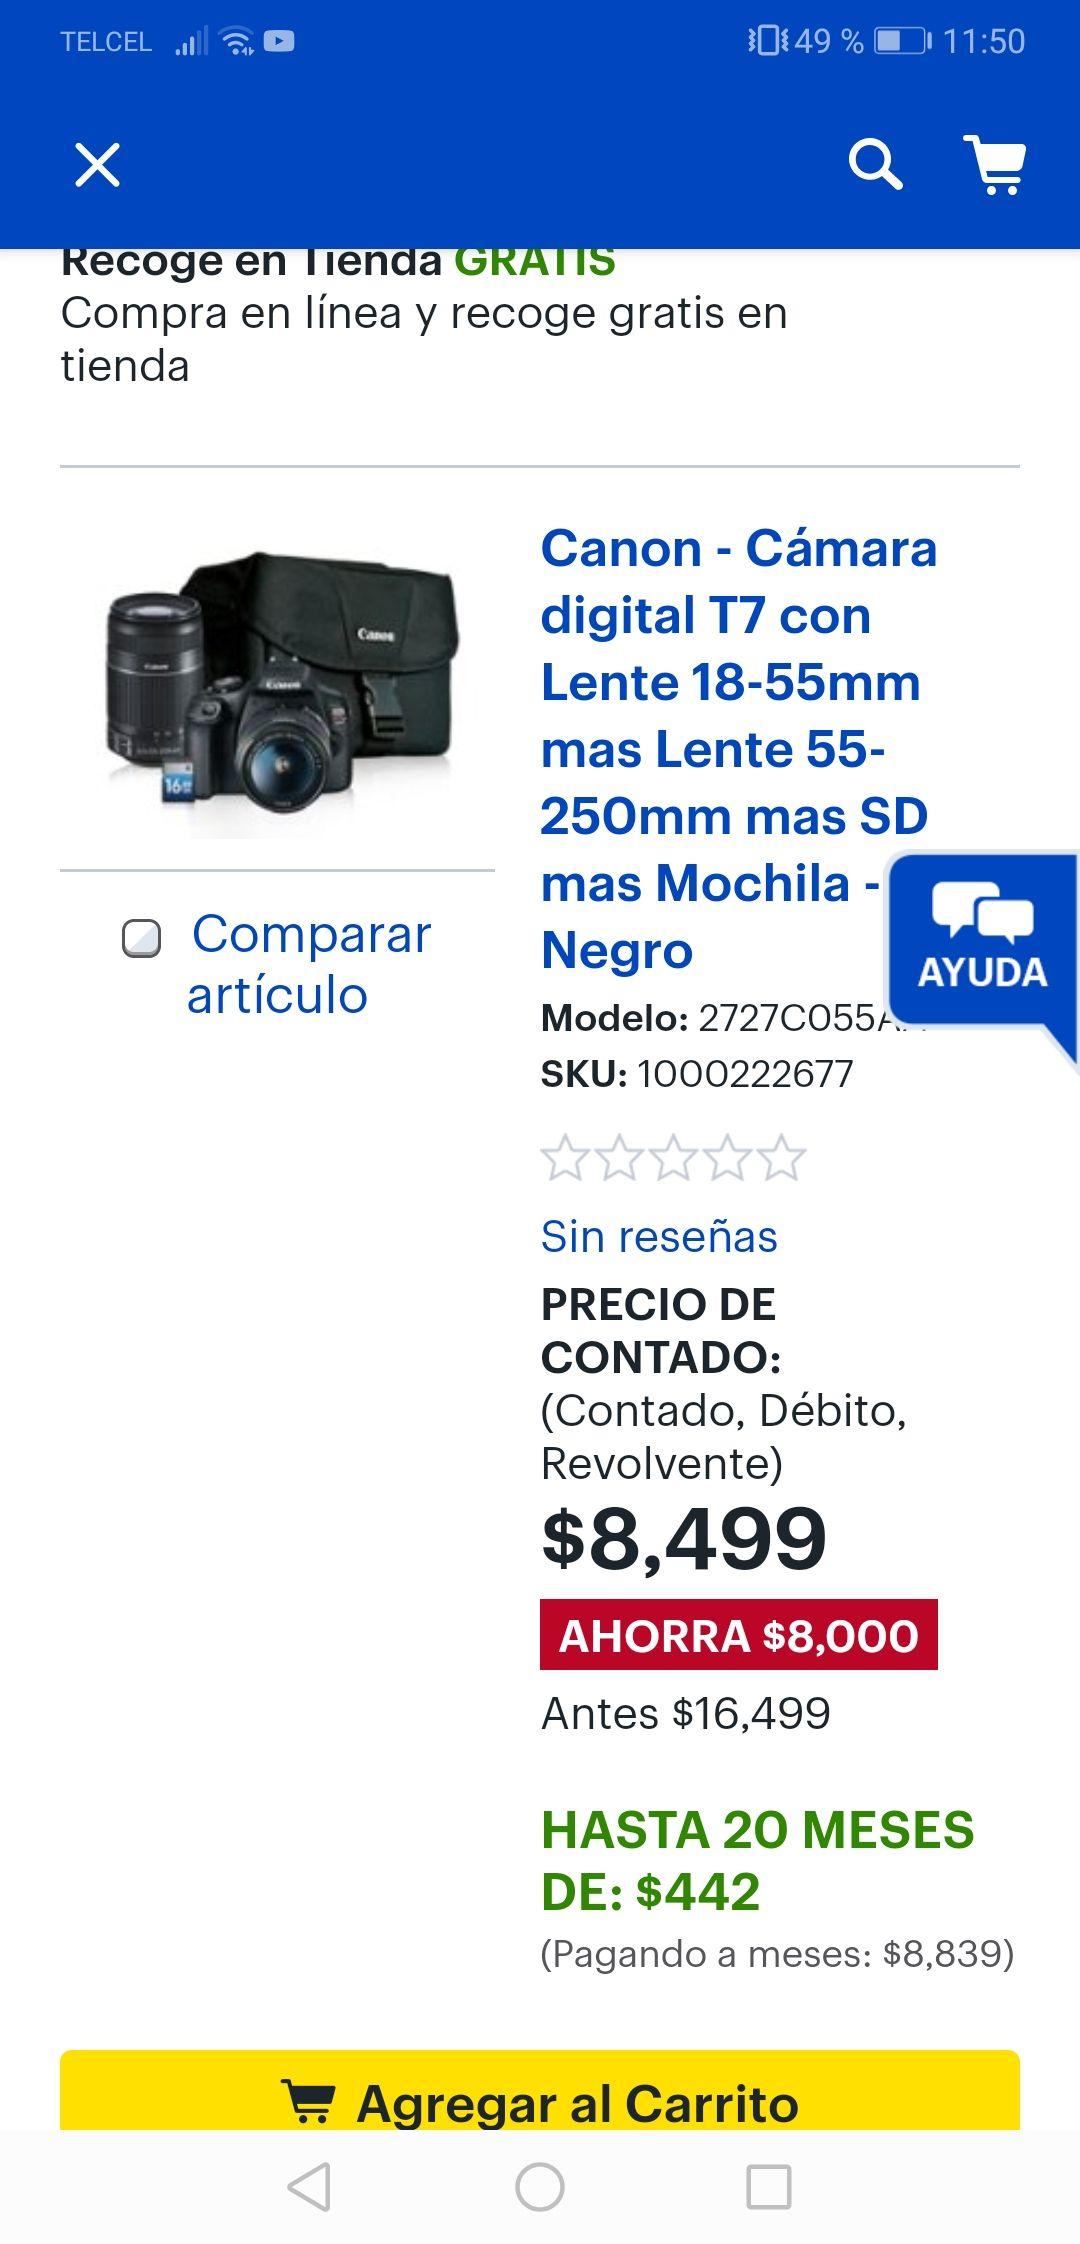 Best Buy: Kit Cámara t7 canon mejor precio! Y hasta 20 meses sin intereses